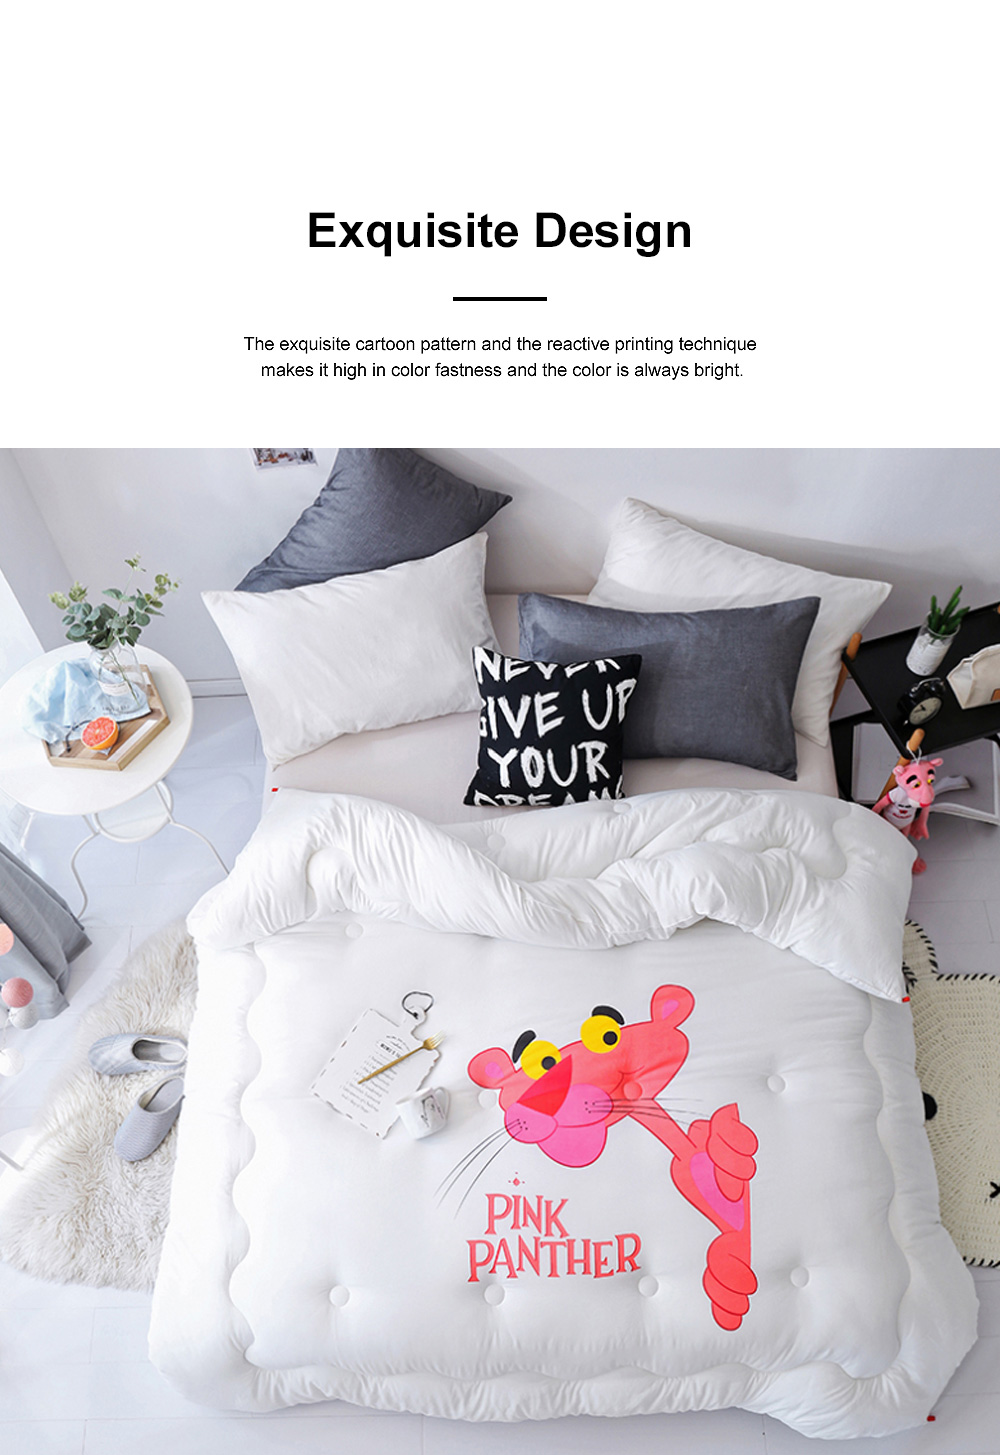 Pink Panther Warm Cotton Quilt Winter Spring Quilt Set Super Soft Washable 5 Colors 200 x 230cm 1